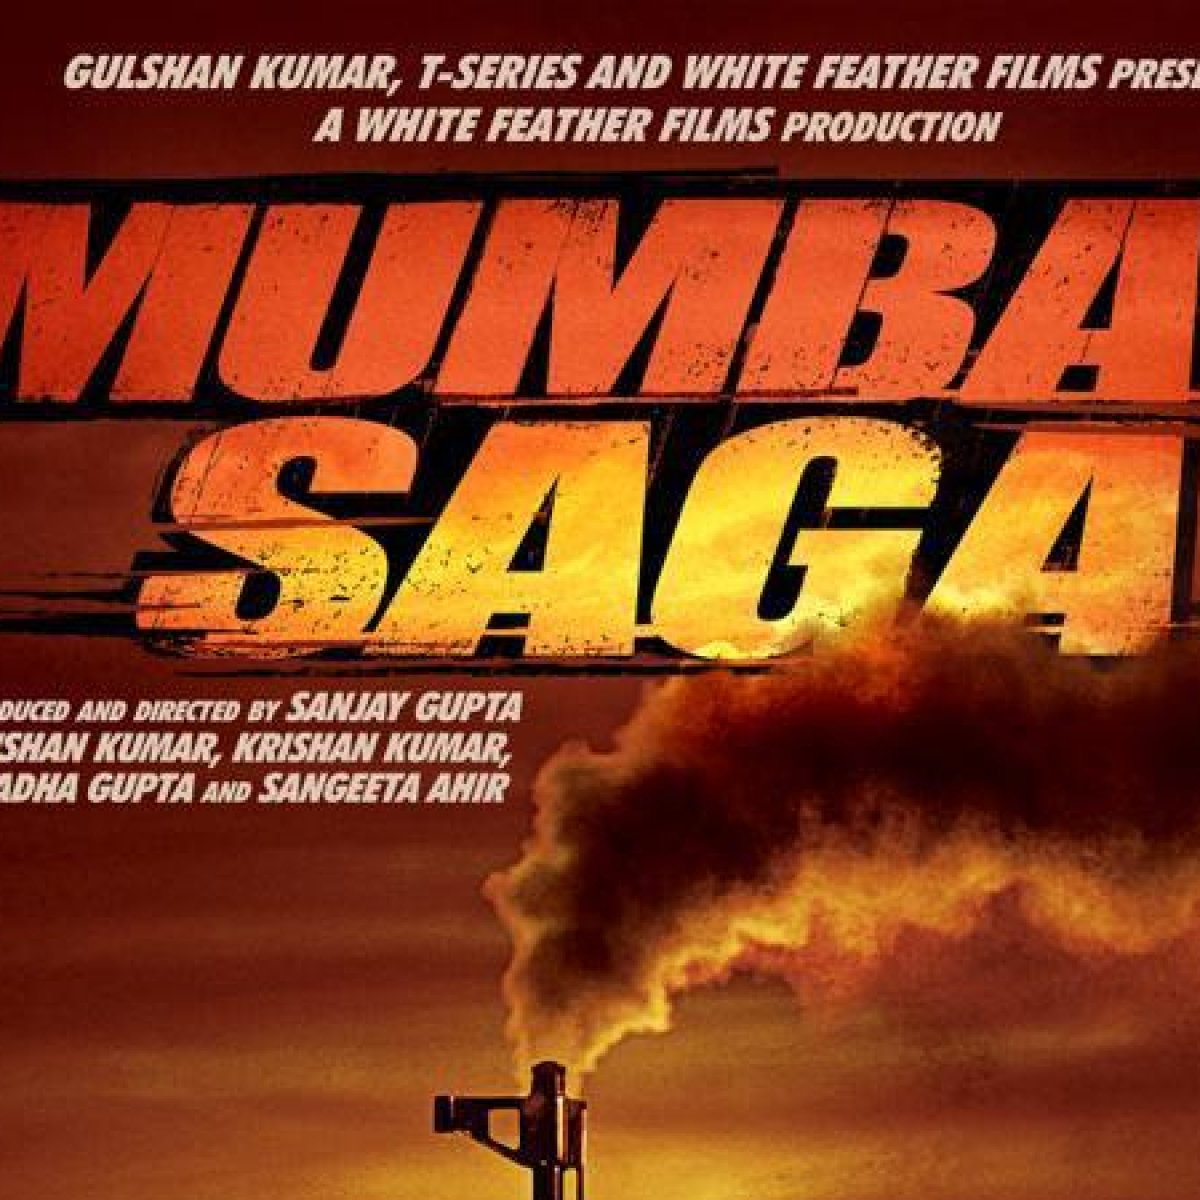 John Abraham's next 'Mumbai Saga' to release in June 2020